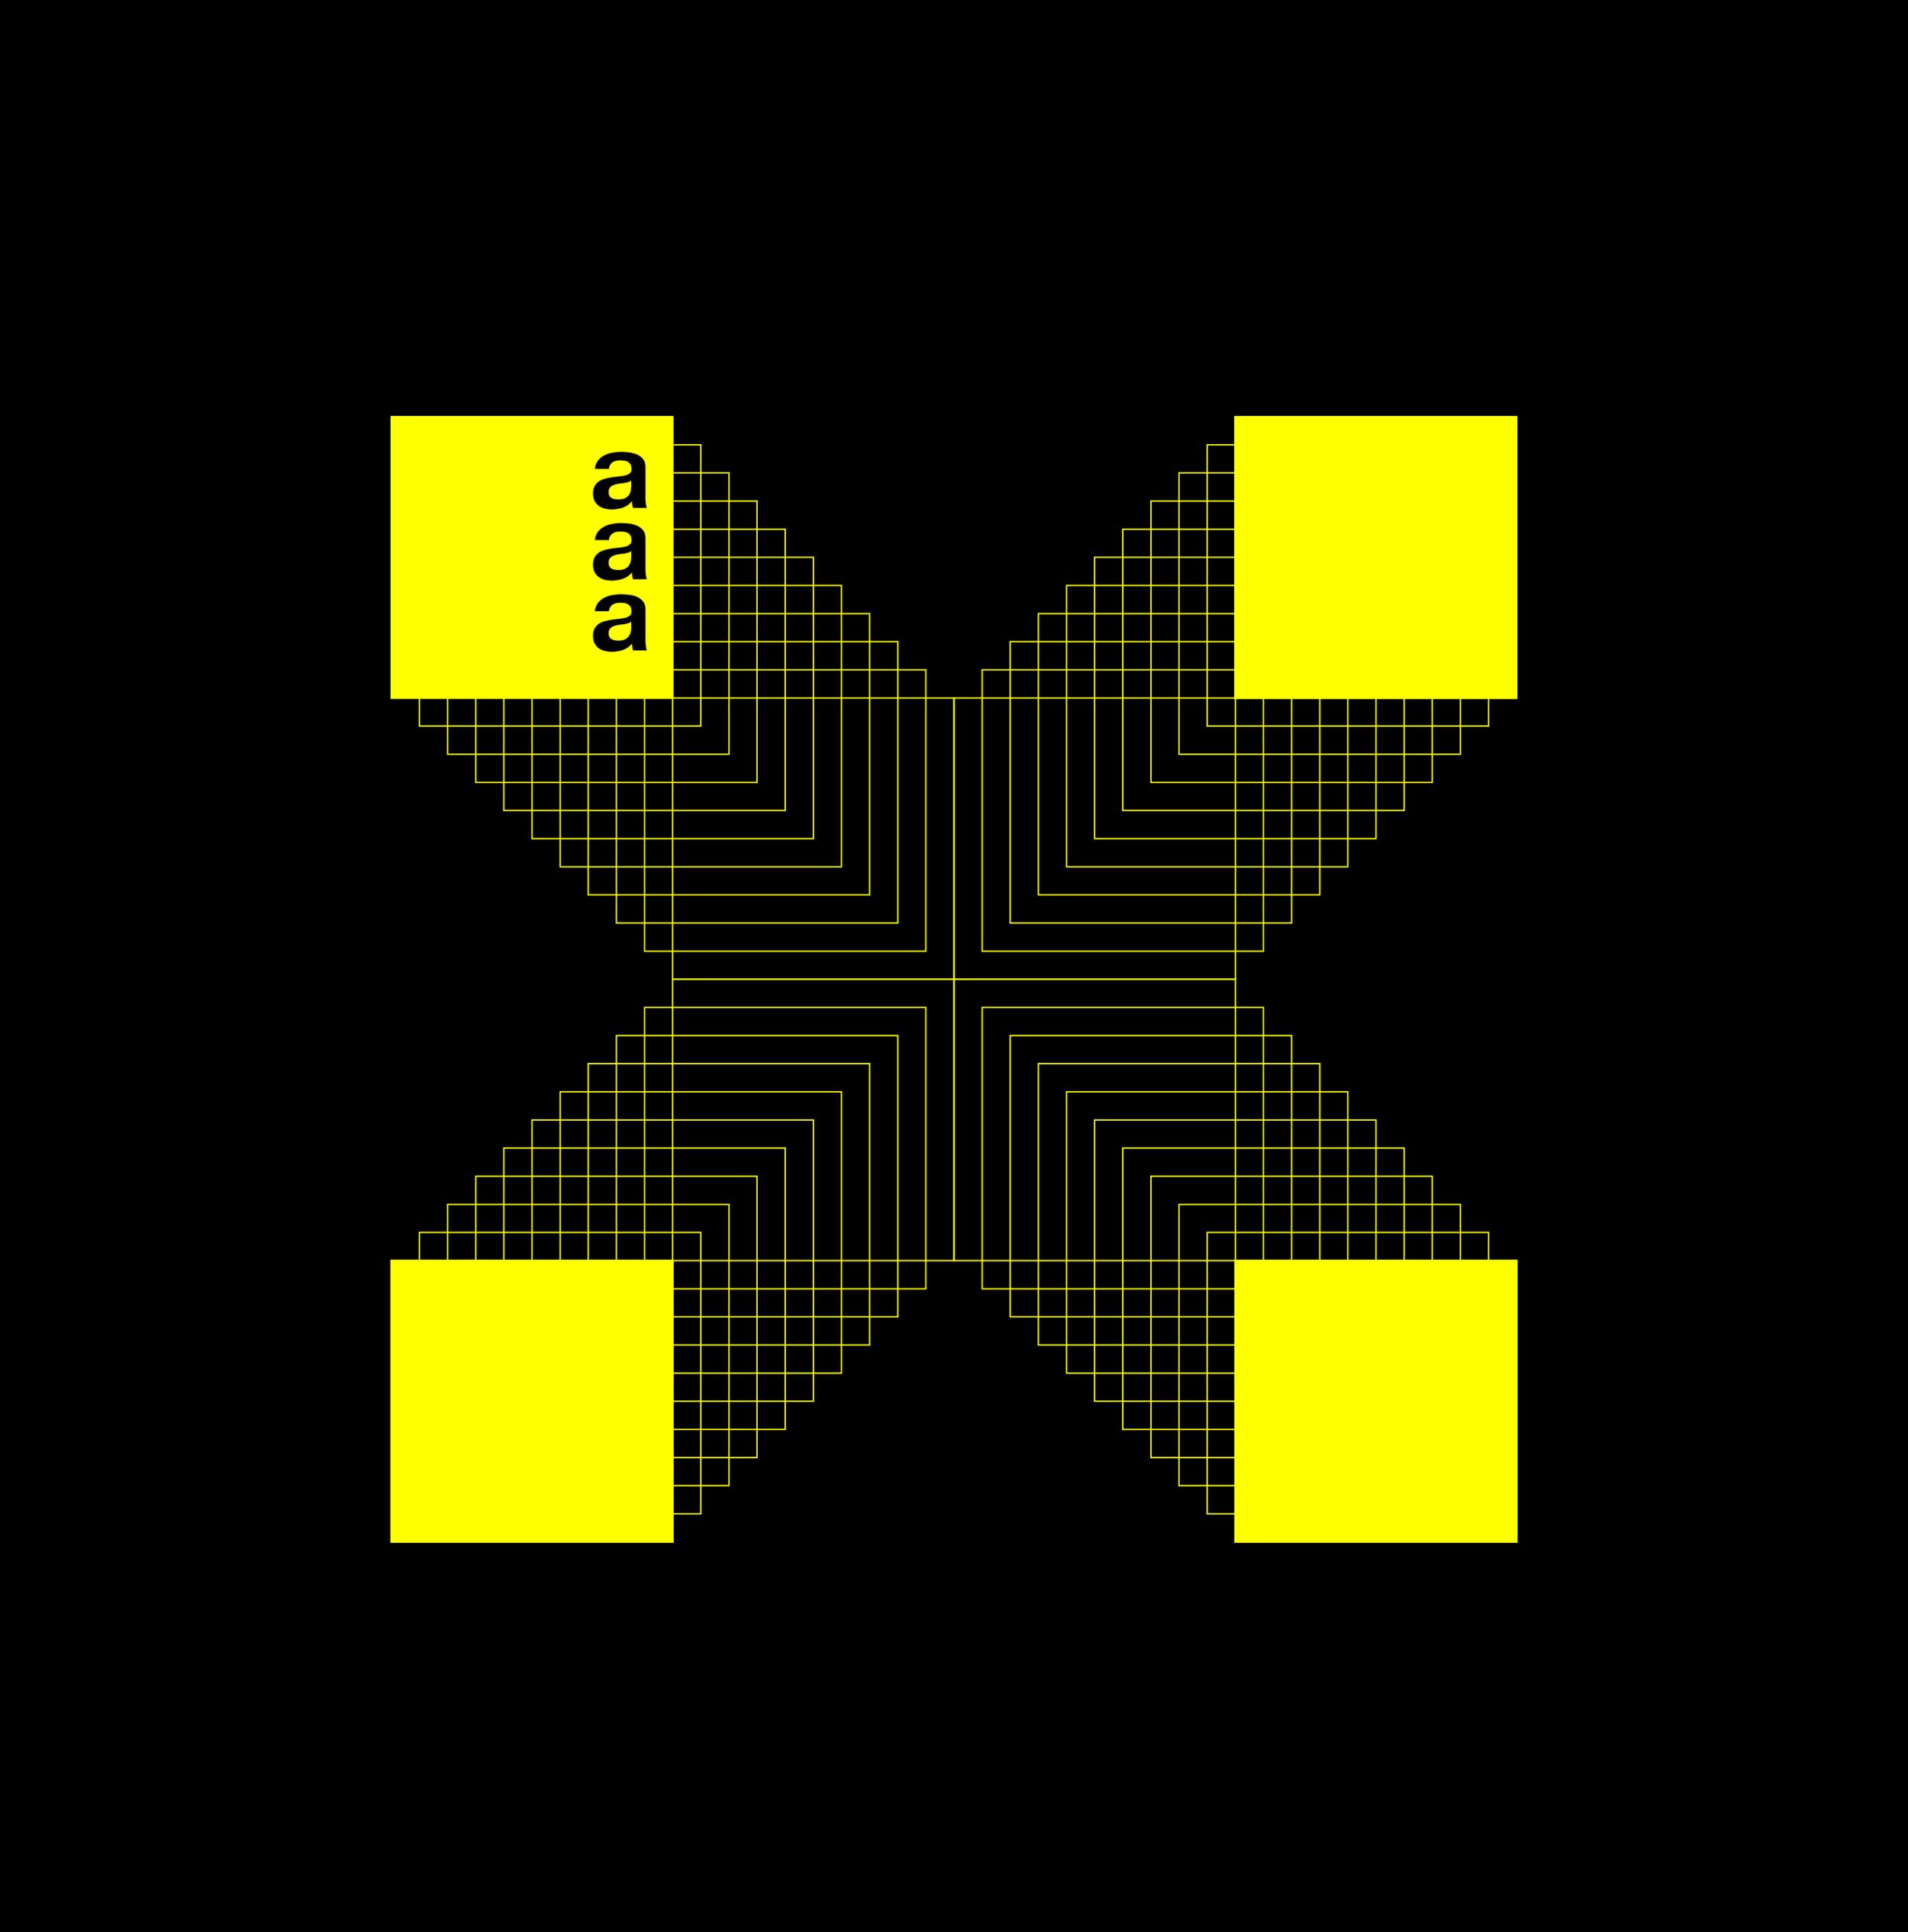 quad_sq_inverse-2x.png